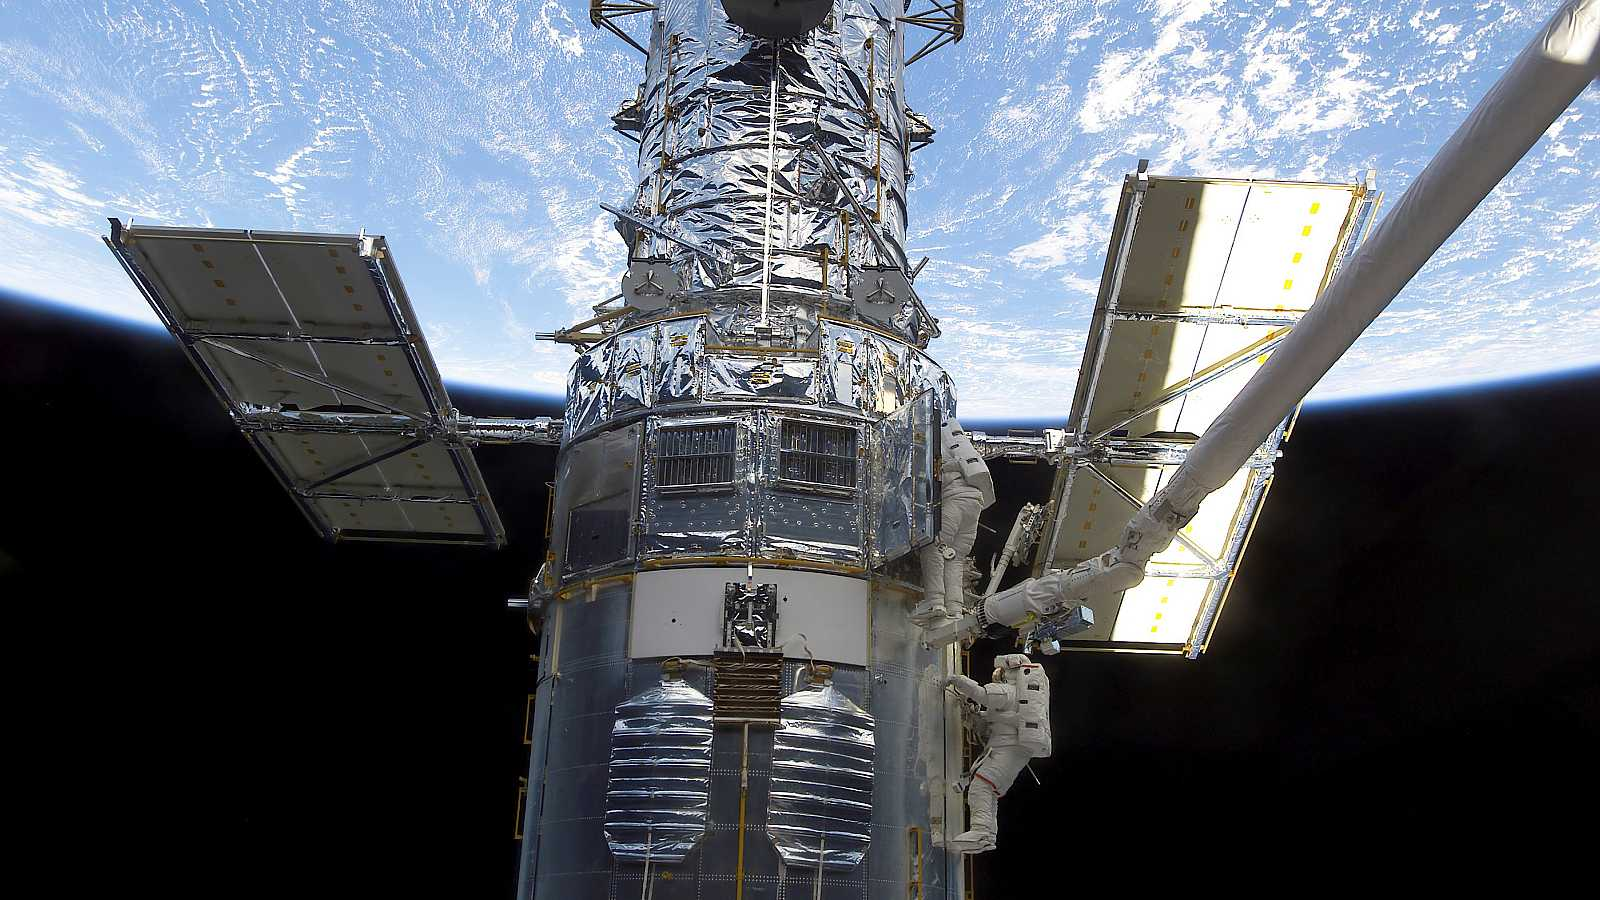 Un astronauta de la NASA procede a realizar tareas de mantenimiento en el telescopio espacial Hubble.